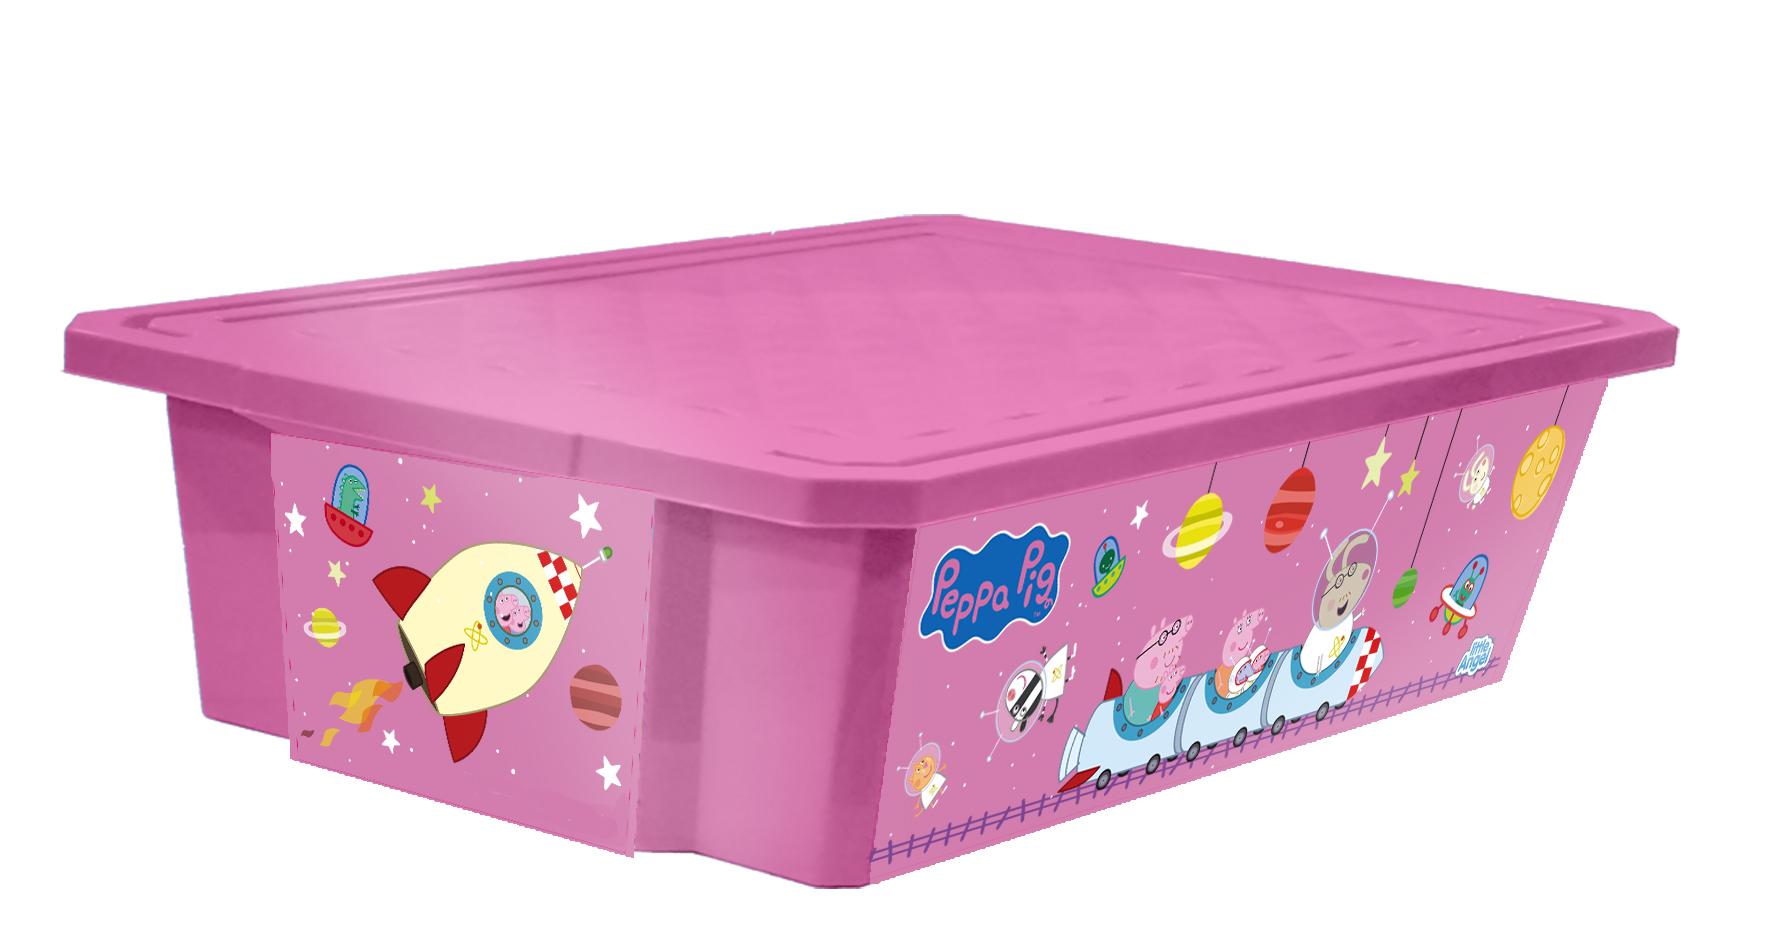 Ящик для хранения игрушек Little Angel Свинка Пеппа. X-BOX, цвет: розовый, 30 л531-301Лучшее решение для поддержания порядка в детской – это большой ящик на колесах. Все игрушки собраны в одном месте, ящик плотно закрывается крышкой, его всегда можно с легкостью переместить. Яркие декоры с любимыми героями наполнят детскую радостью и помогут приучить малыша к порядку. Преимущества: эксклюзивные декоры с любимыми героями; эффективные колеса-роллеры на дне; надежная крышка с привлекательной текстурой; возможность штабелирования ящиков друг на друга; декор размещен на всех сторонах ящика.